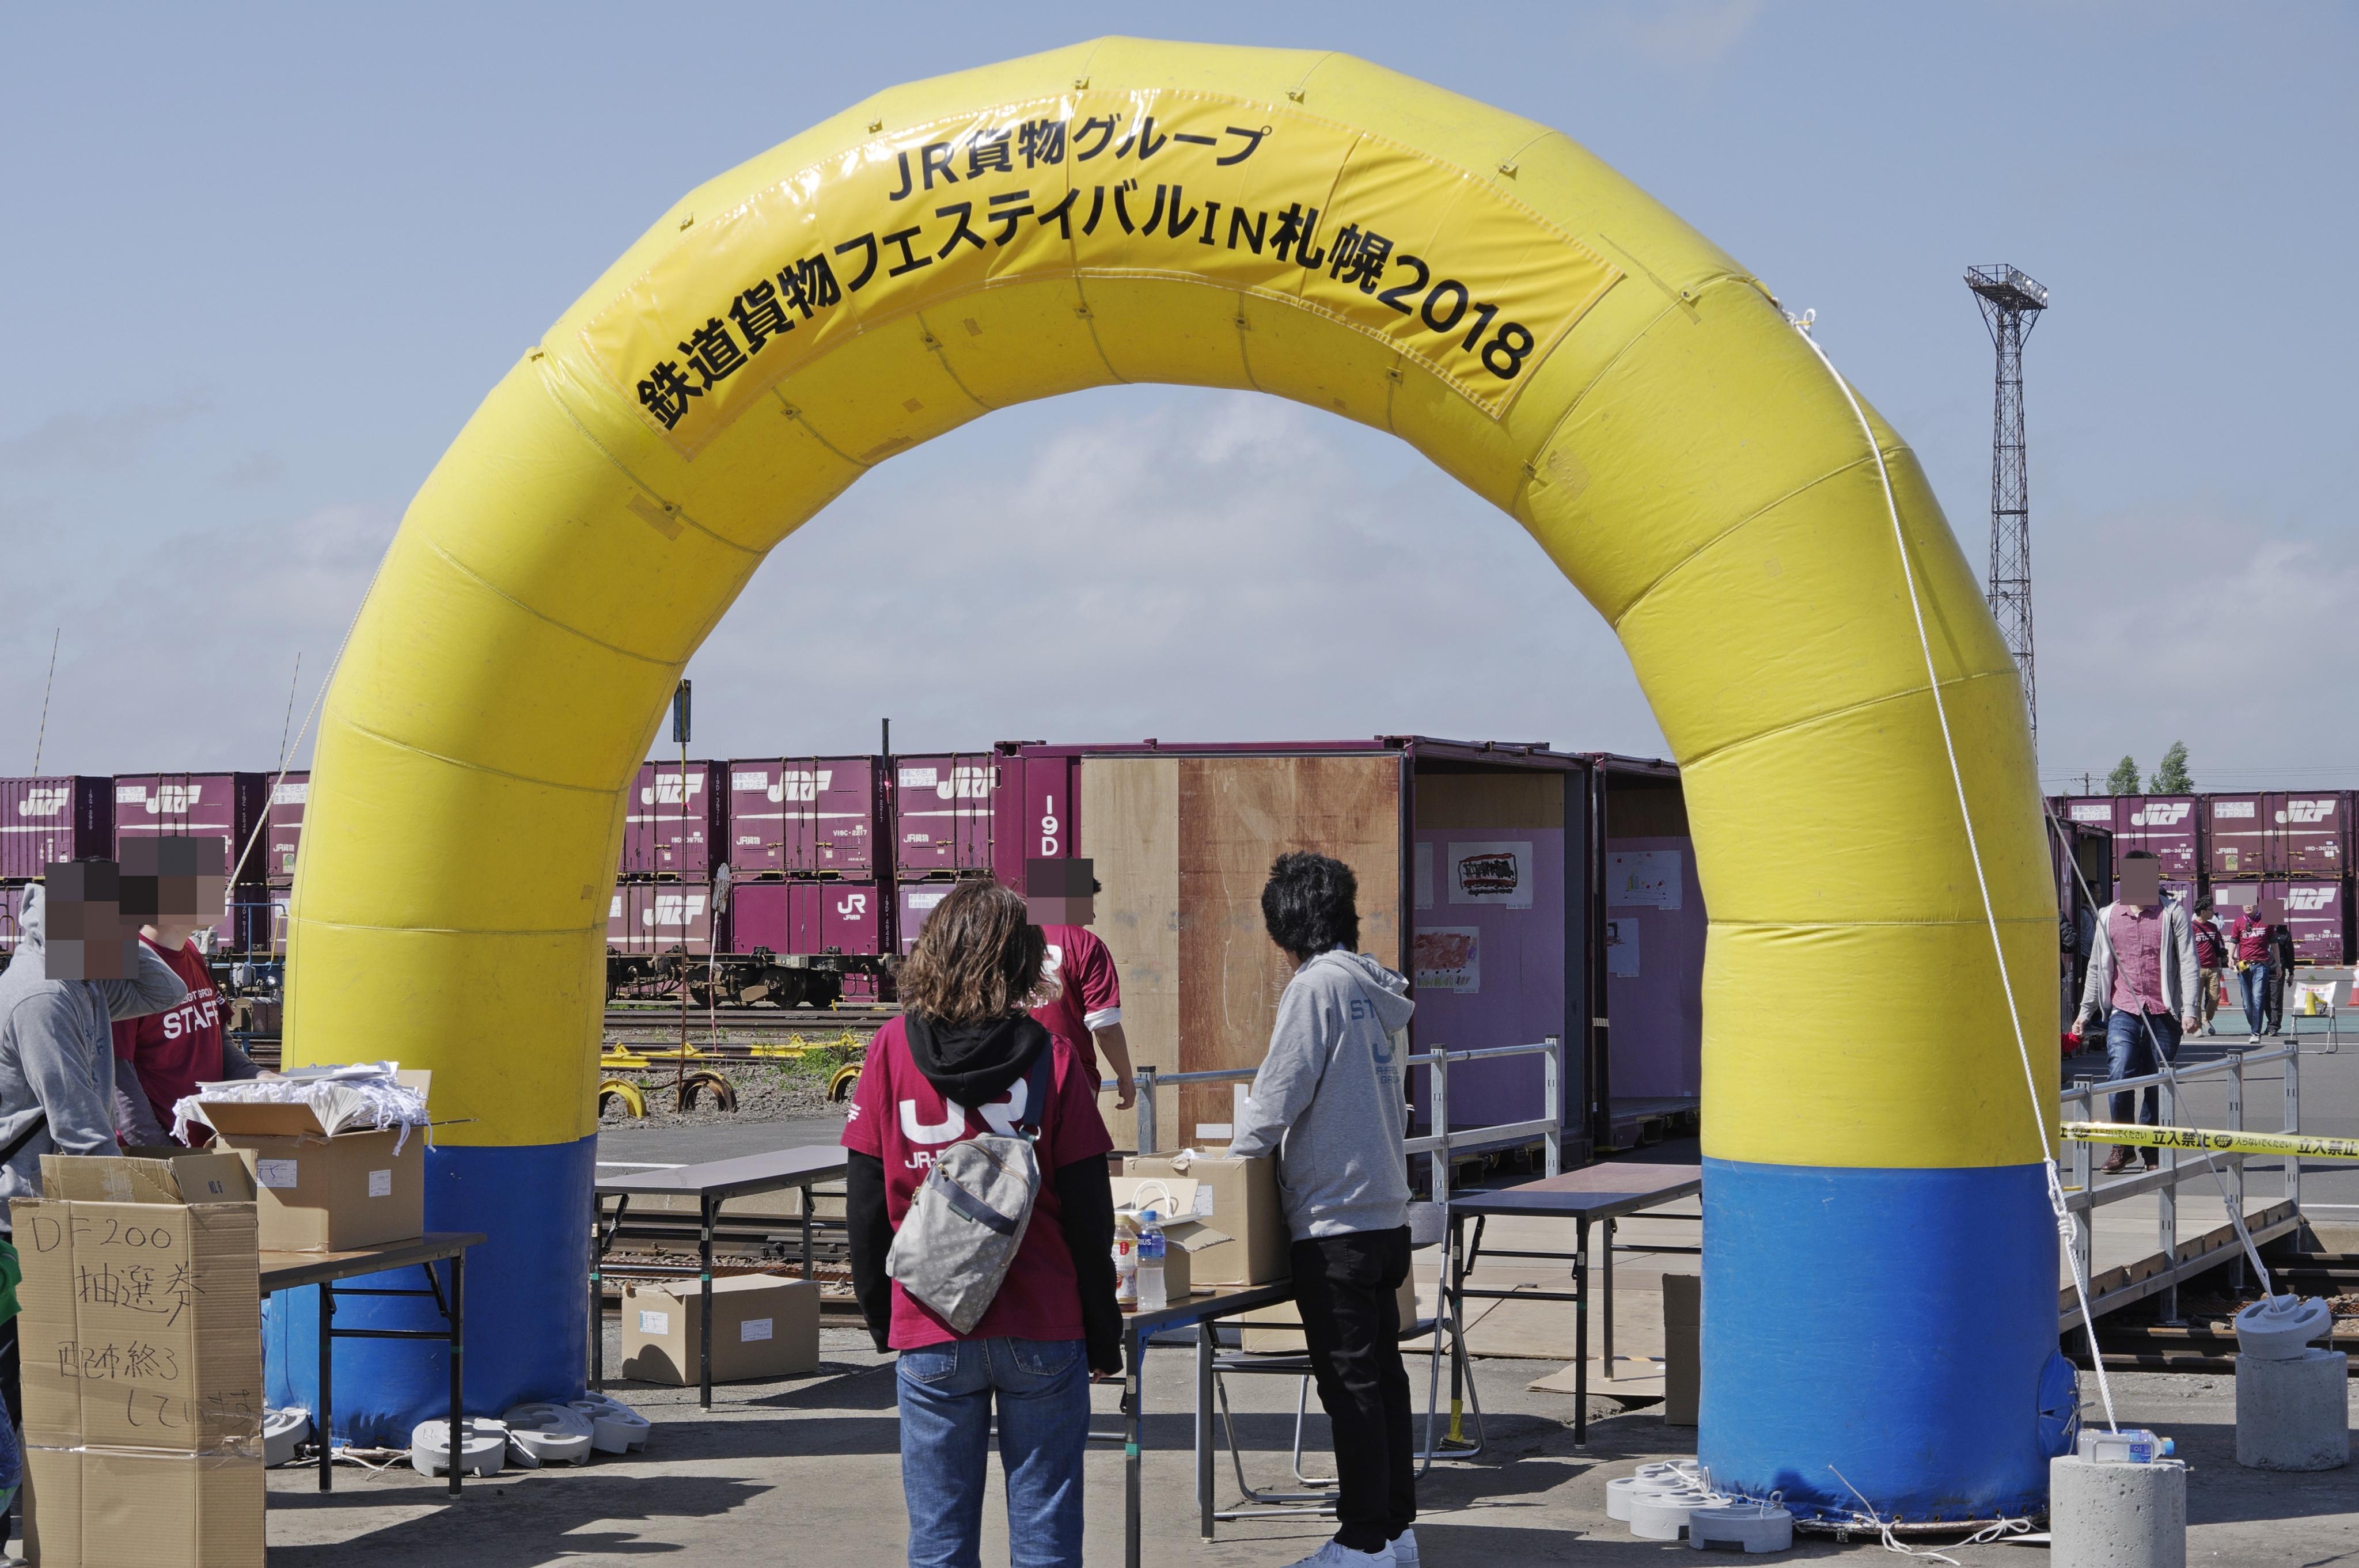 鉄道貨物フェスティバル2018in札幌 入口アーチ_180520.jpg